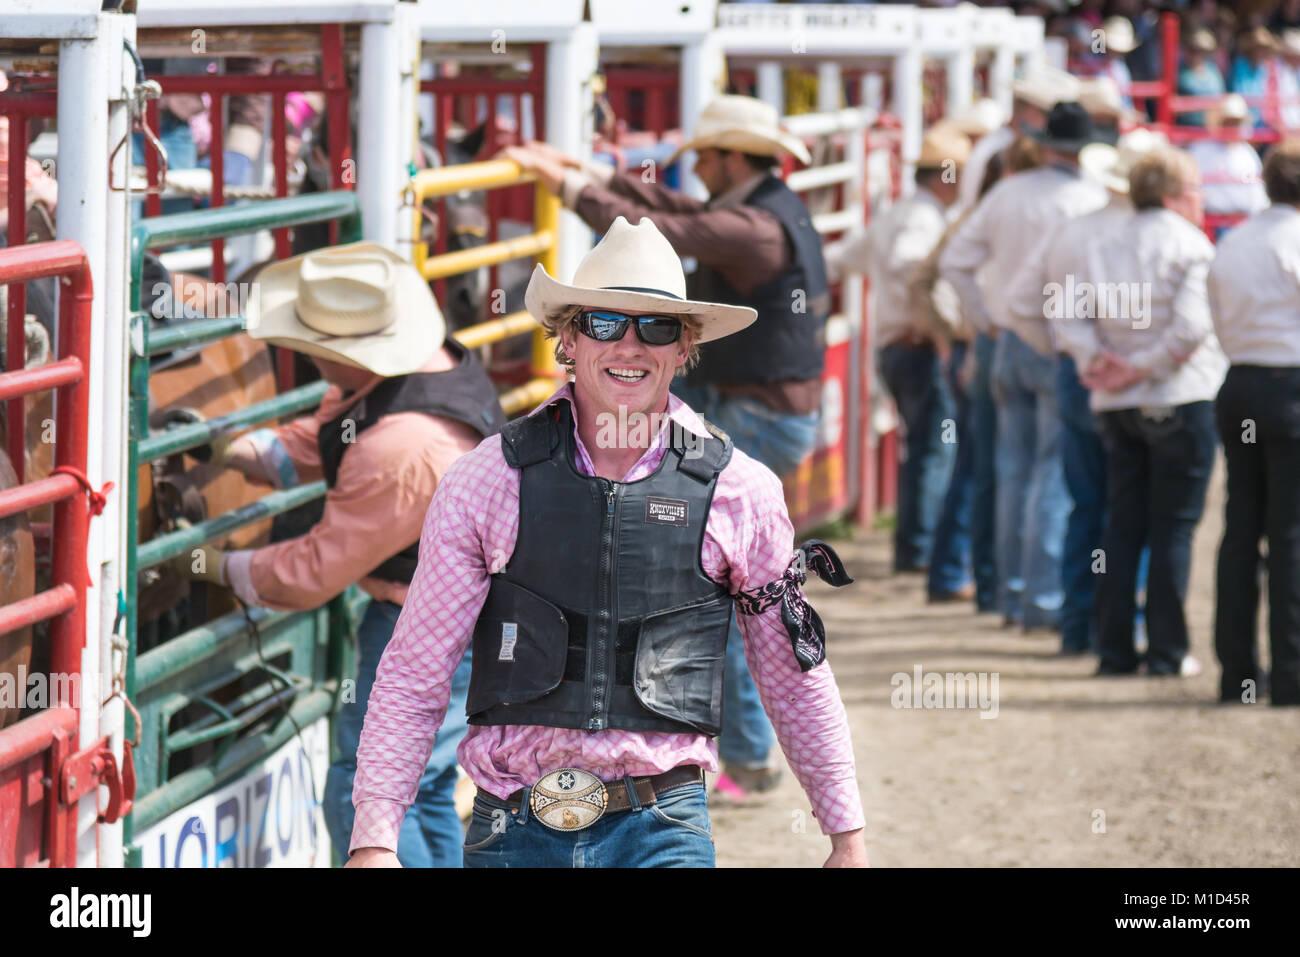 L'un des membres de l'équipe de course de cheval sauvage sourit aux photographes lors de la 90e Williams Lake Stampede, l'un des plus grands mouvements de panique en Amérique du Nord. Banque D'Images